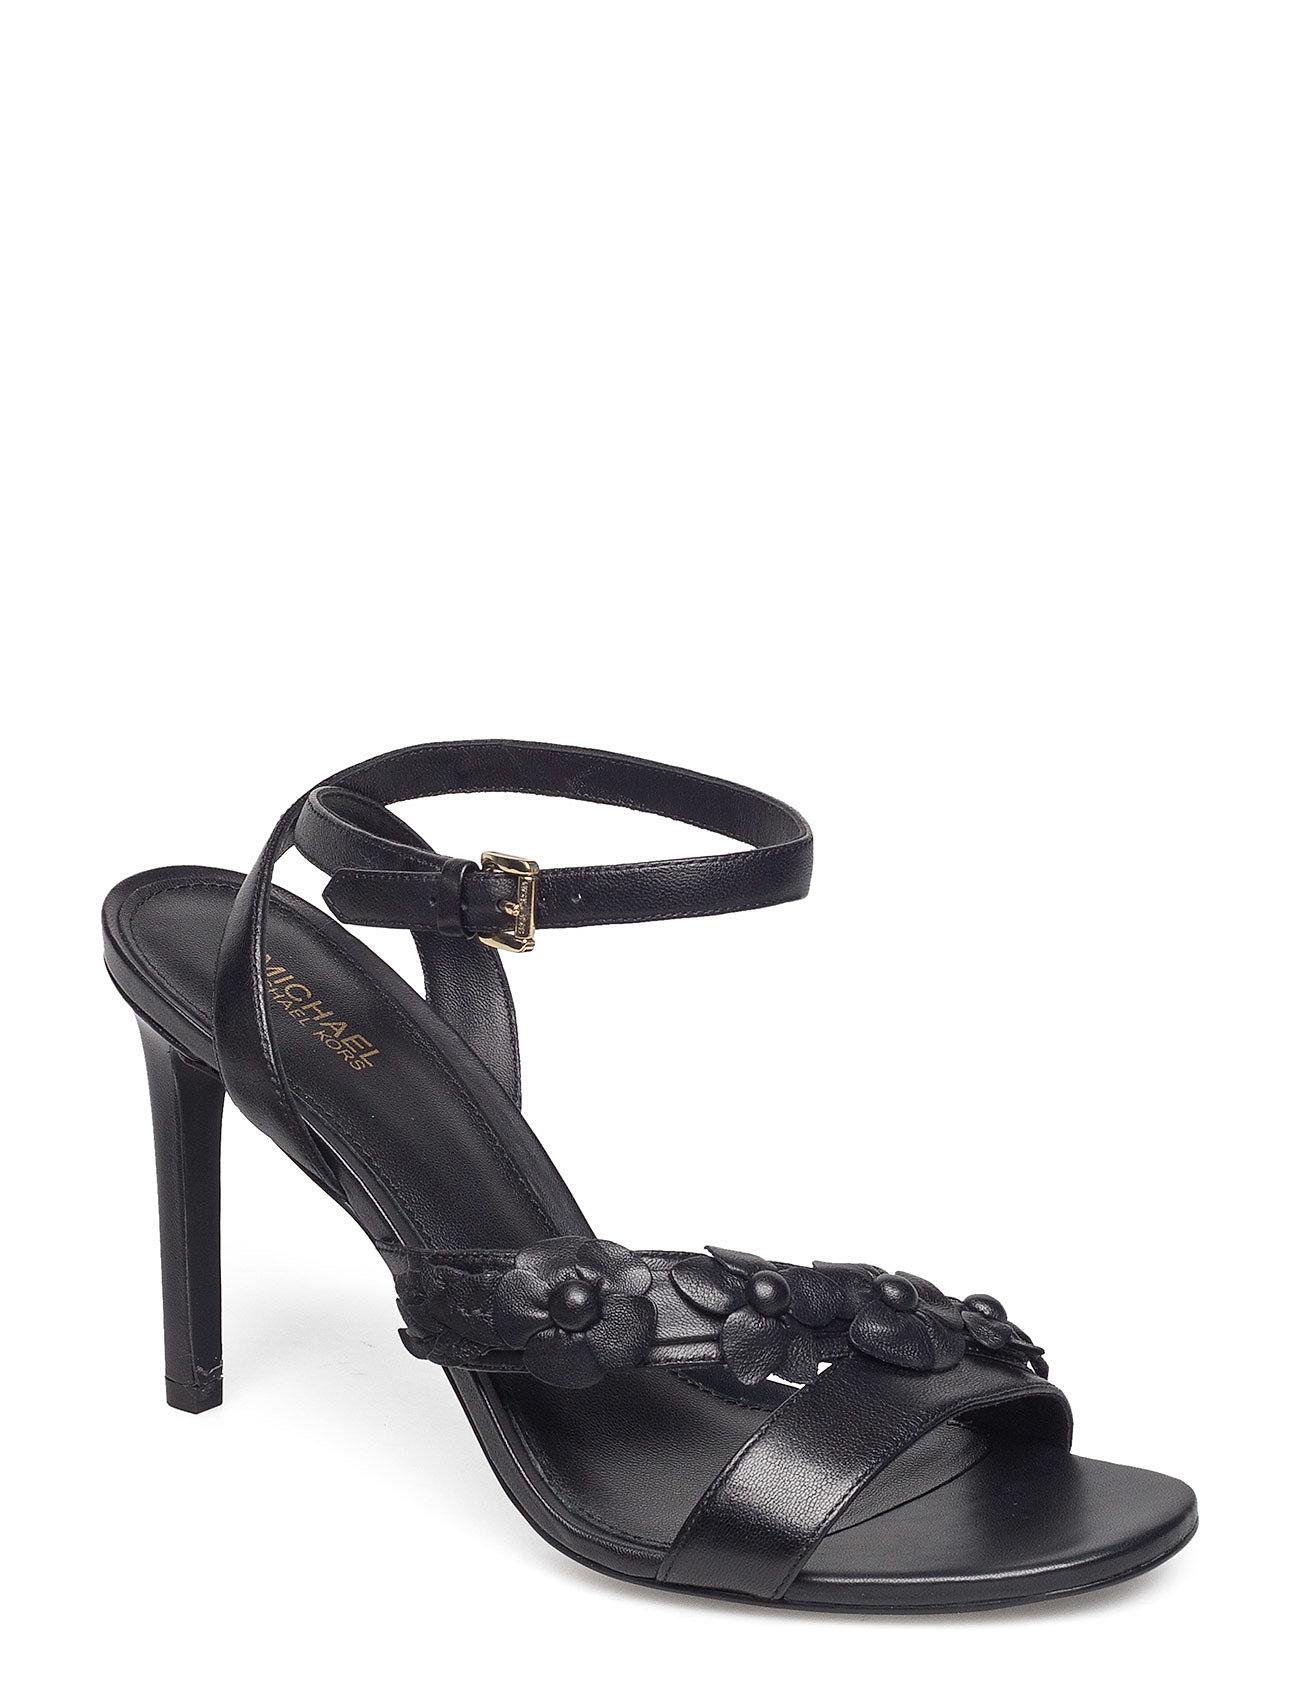 Højhælede | Damer Størrelse 38.5 | Køb højhælede sko online